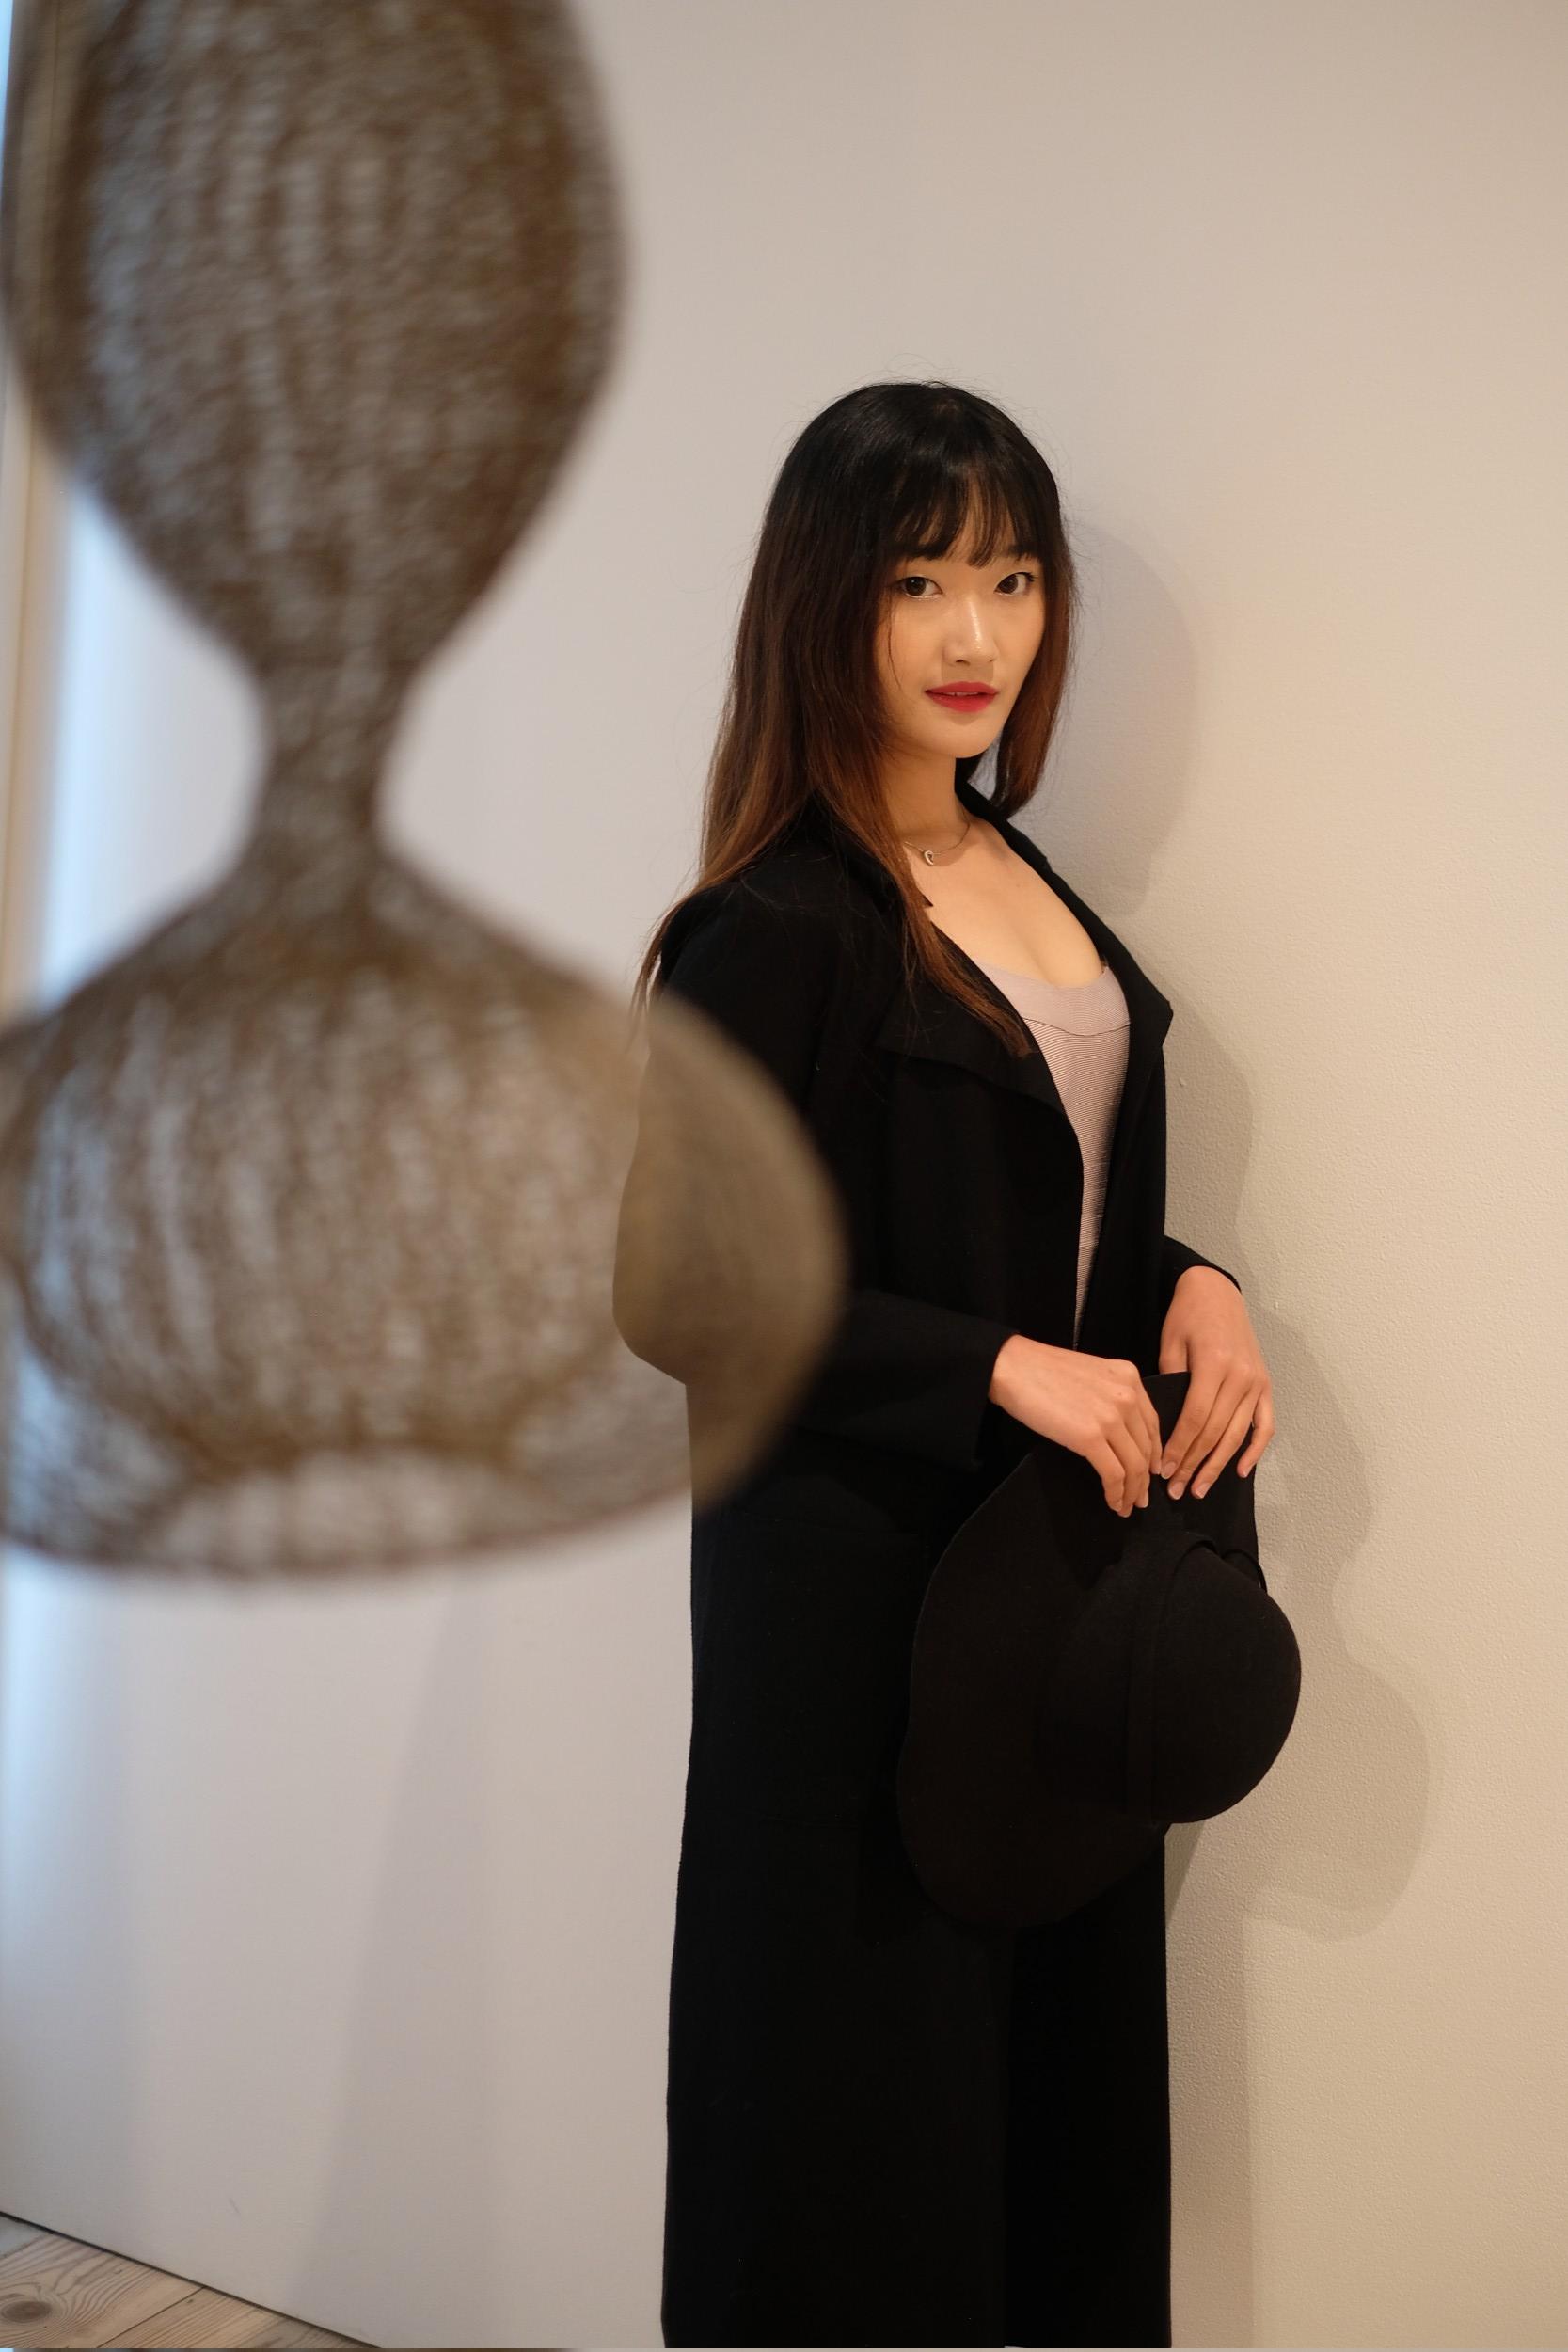 beautiful girl in black coat